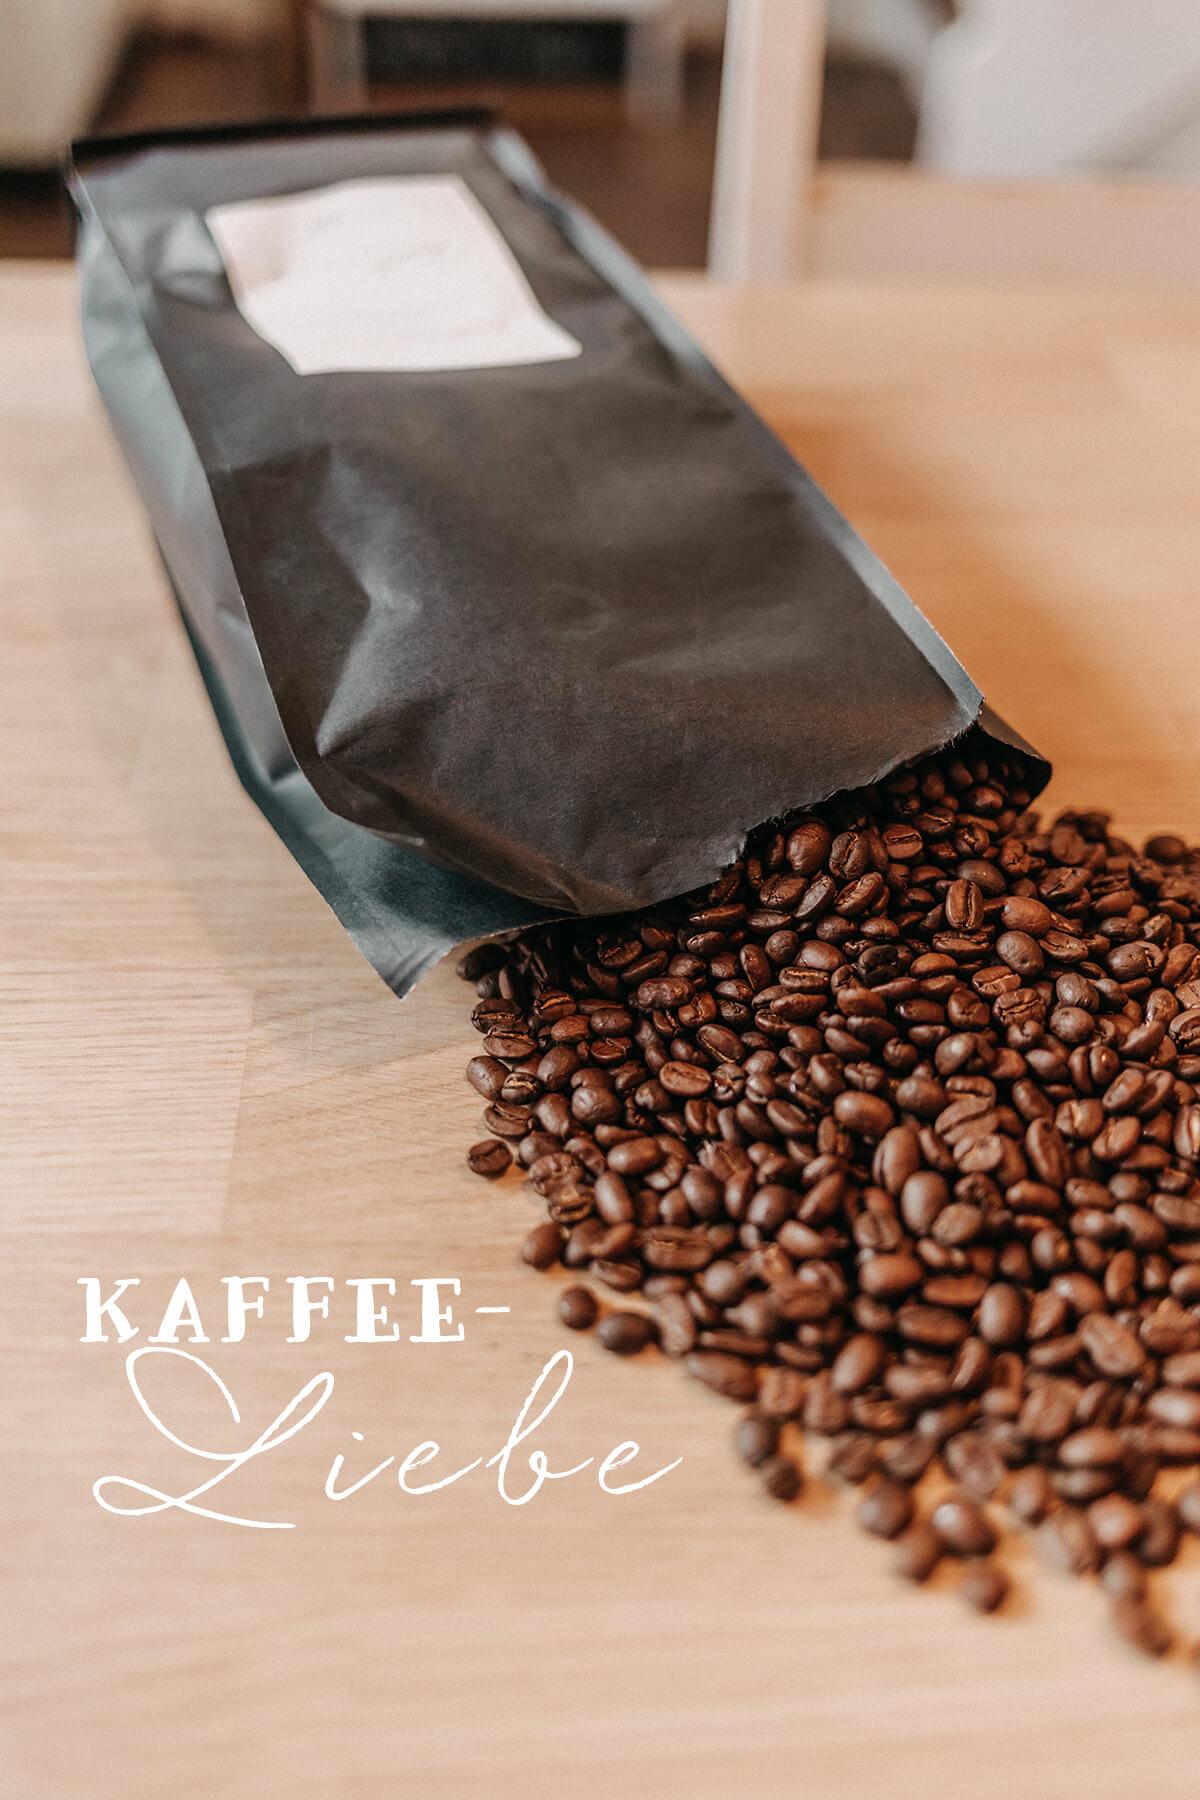 hauseigene Kaffeemischung